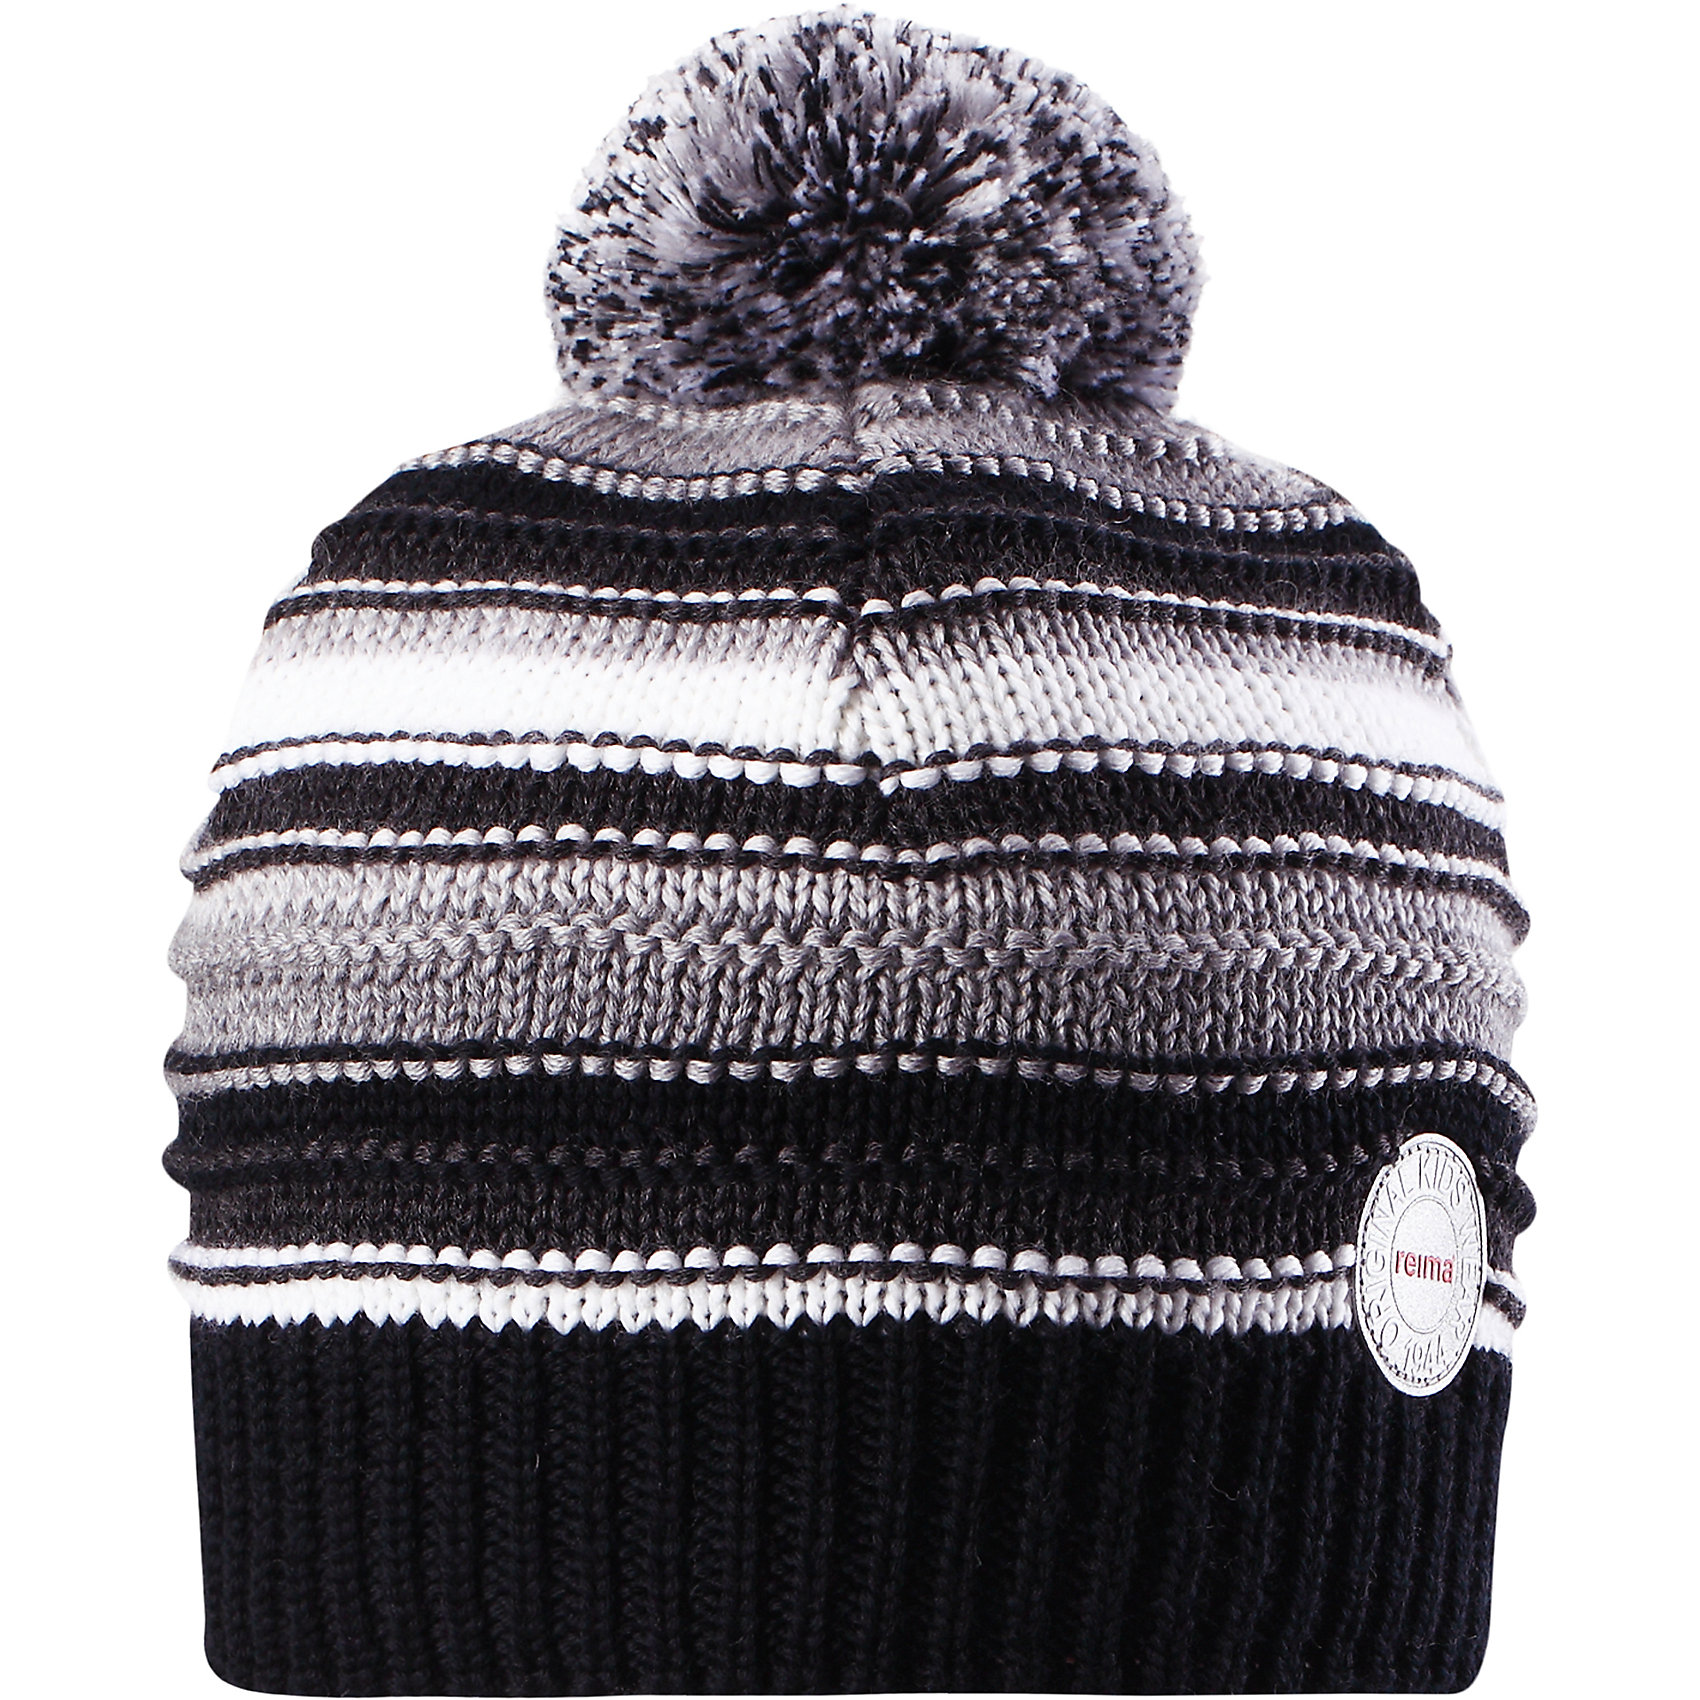 Шапка Reima HurmosГоловные уборы<br>Характеристики товара:<br><br>• цвет: черный;<br>• состав: 100% шерсть;<br>• подкладка: 97% хлопок, 3% эластан;<br>• утеплитель: 40 г/м2;<br>• сезон: зима;<br>• температурный режим: от 0 до -20С;<br>• мягкая ткань из мериносовой шерсти для поддержания идеальной температуры тела;<br>• ветронепроницаемые вставки в области ушей;<br>• сплошная подкладка: мягкий теплый флис;<br>• шапка с помпоном;<br>• логотип Reima® сзади;<br>• страна бренда: Финляндия;<br>• страна изготовитель: Китай.<br><br>Шапка для малышей и детей постарше изготовлена из дышащей и теплой мериносовой шерсти. Мягкая флисовая подкладка гарантирует тепло, а ветронепроницаемые вставки между верхним слоем и подкладкой защищают уши. Помпон на макушке.<br><br>Шапку Hurmos Reima от финского бренда Reima (Рейма) можно купить в нашем интернет-магазине.<br><br>Ширина мм: 89<br>Глубина мм: 117<br>Высота мм: 44<br>Вес г: 155<br>Цвет: серый<br>Возраст от месяцев: 36<br>Возраст до месяцев: 48<br>Пол: Унисекс<br>Возраст: Детский<br>Размер: 50,56,54,52<br>SKU: 6902696